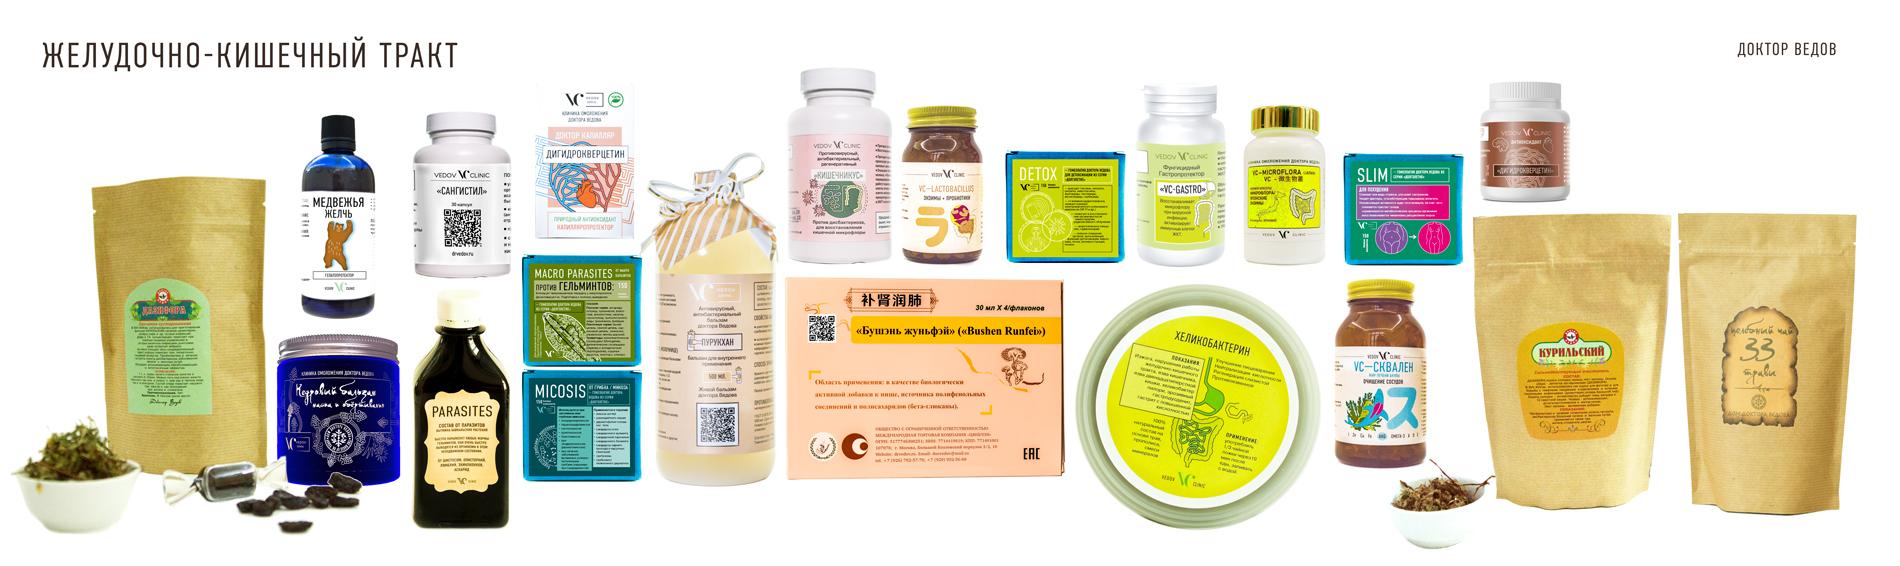 Лечение ЖКТ натуральными средствами доктора Ведова